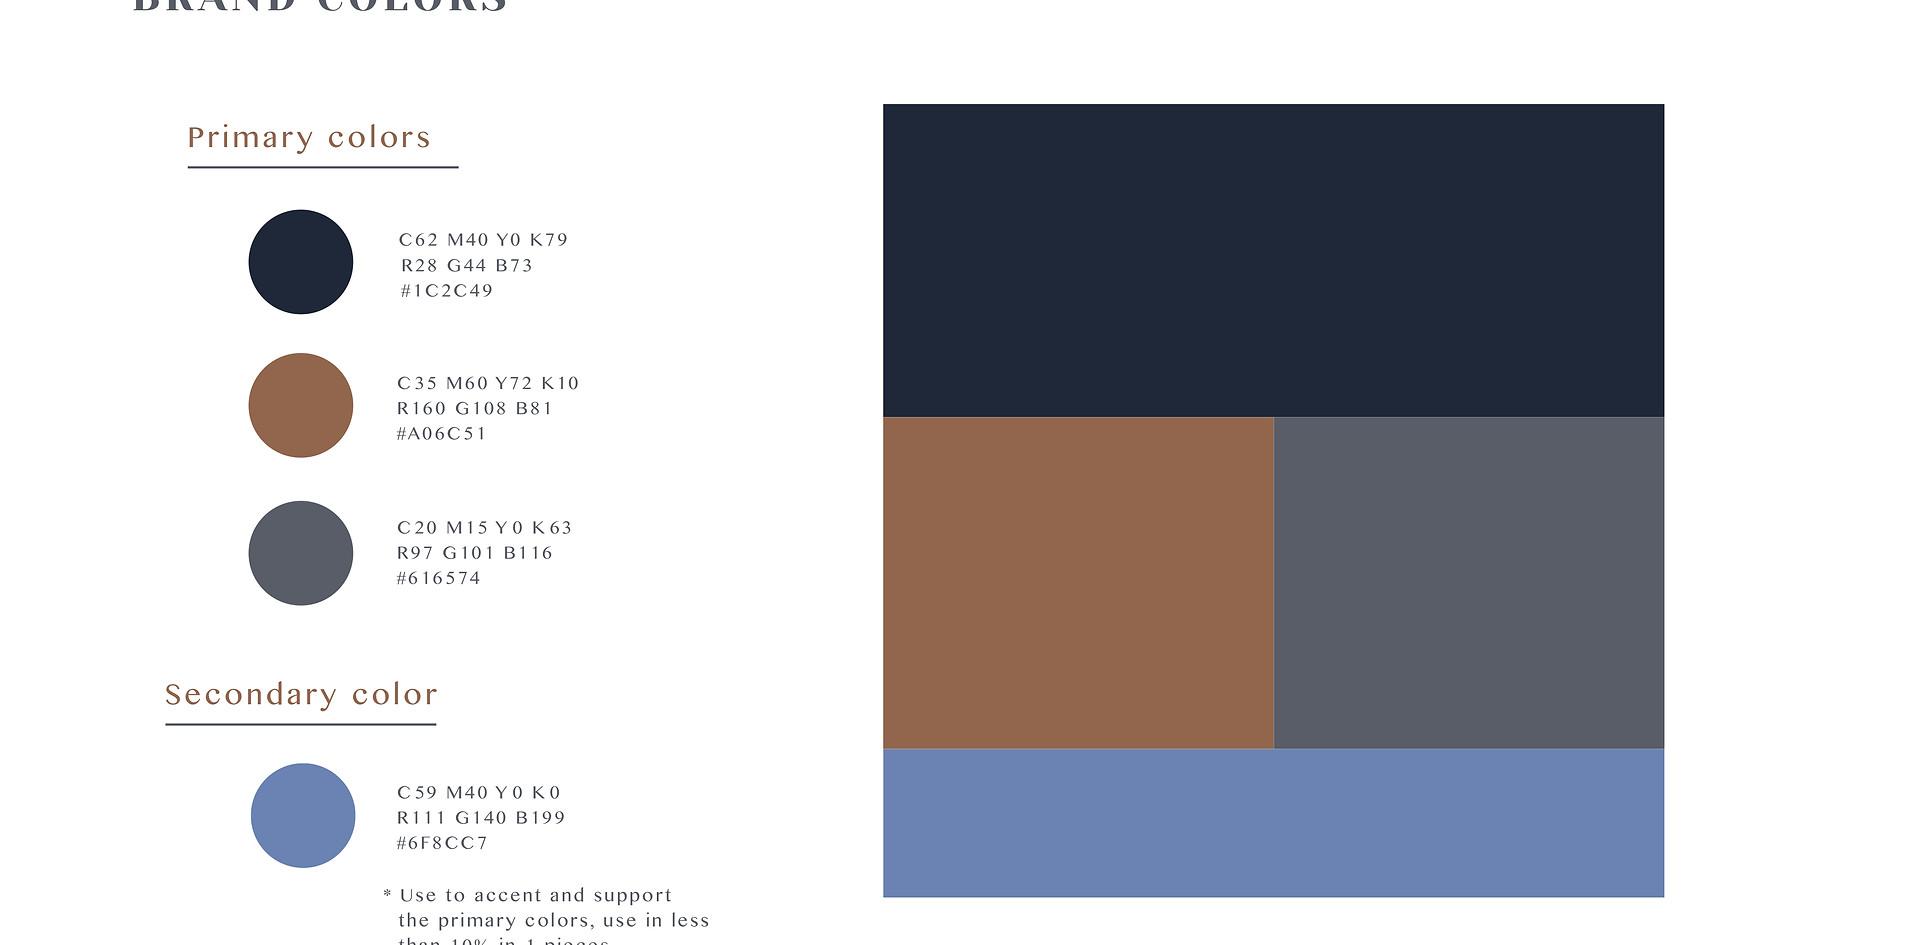 Alutumist Brand Guideline 3.jpg